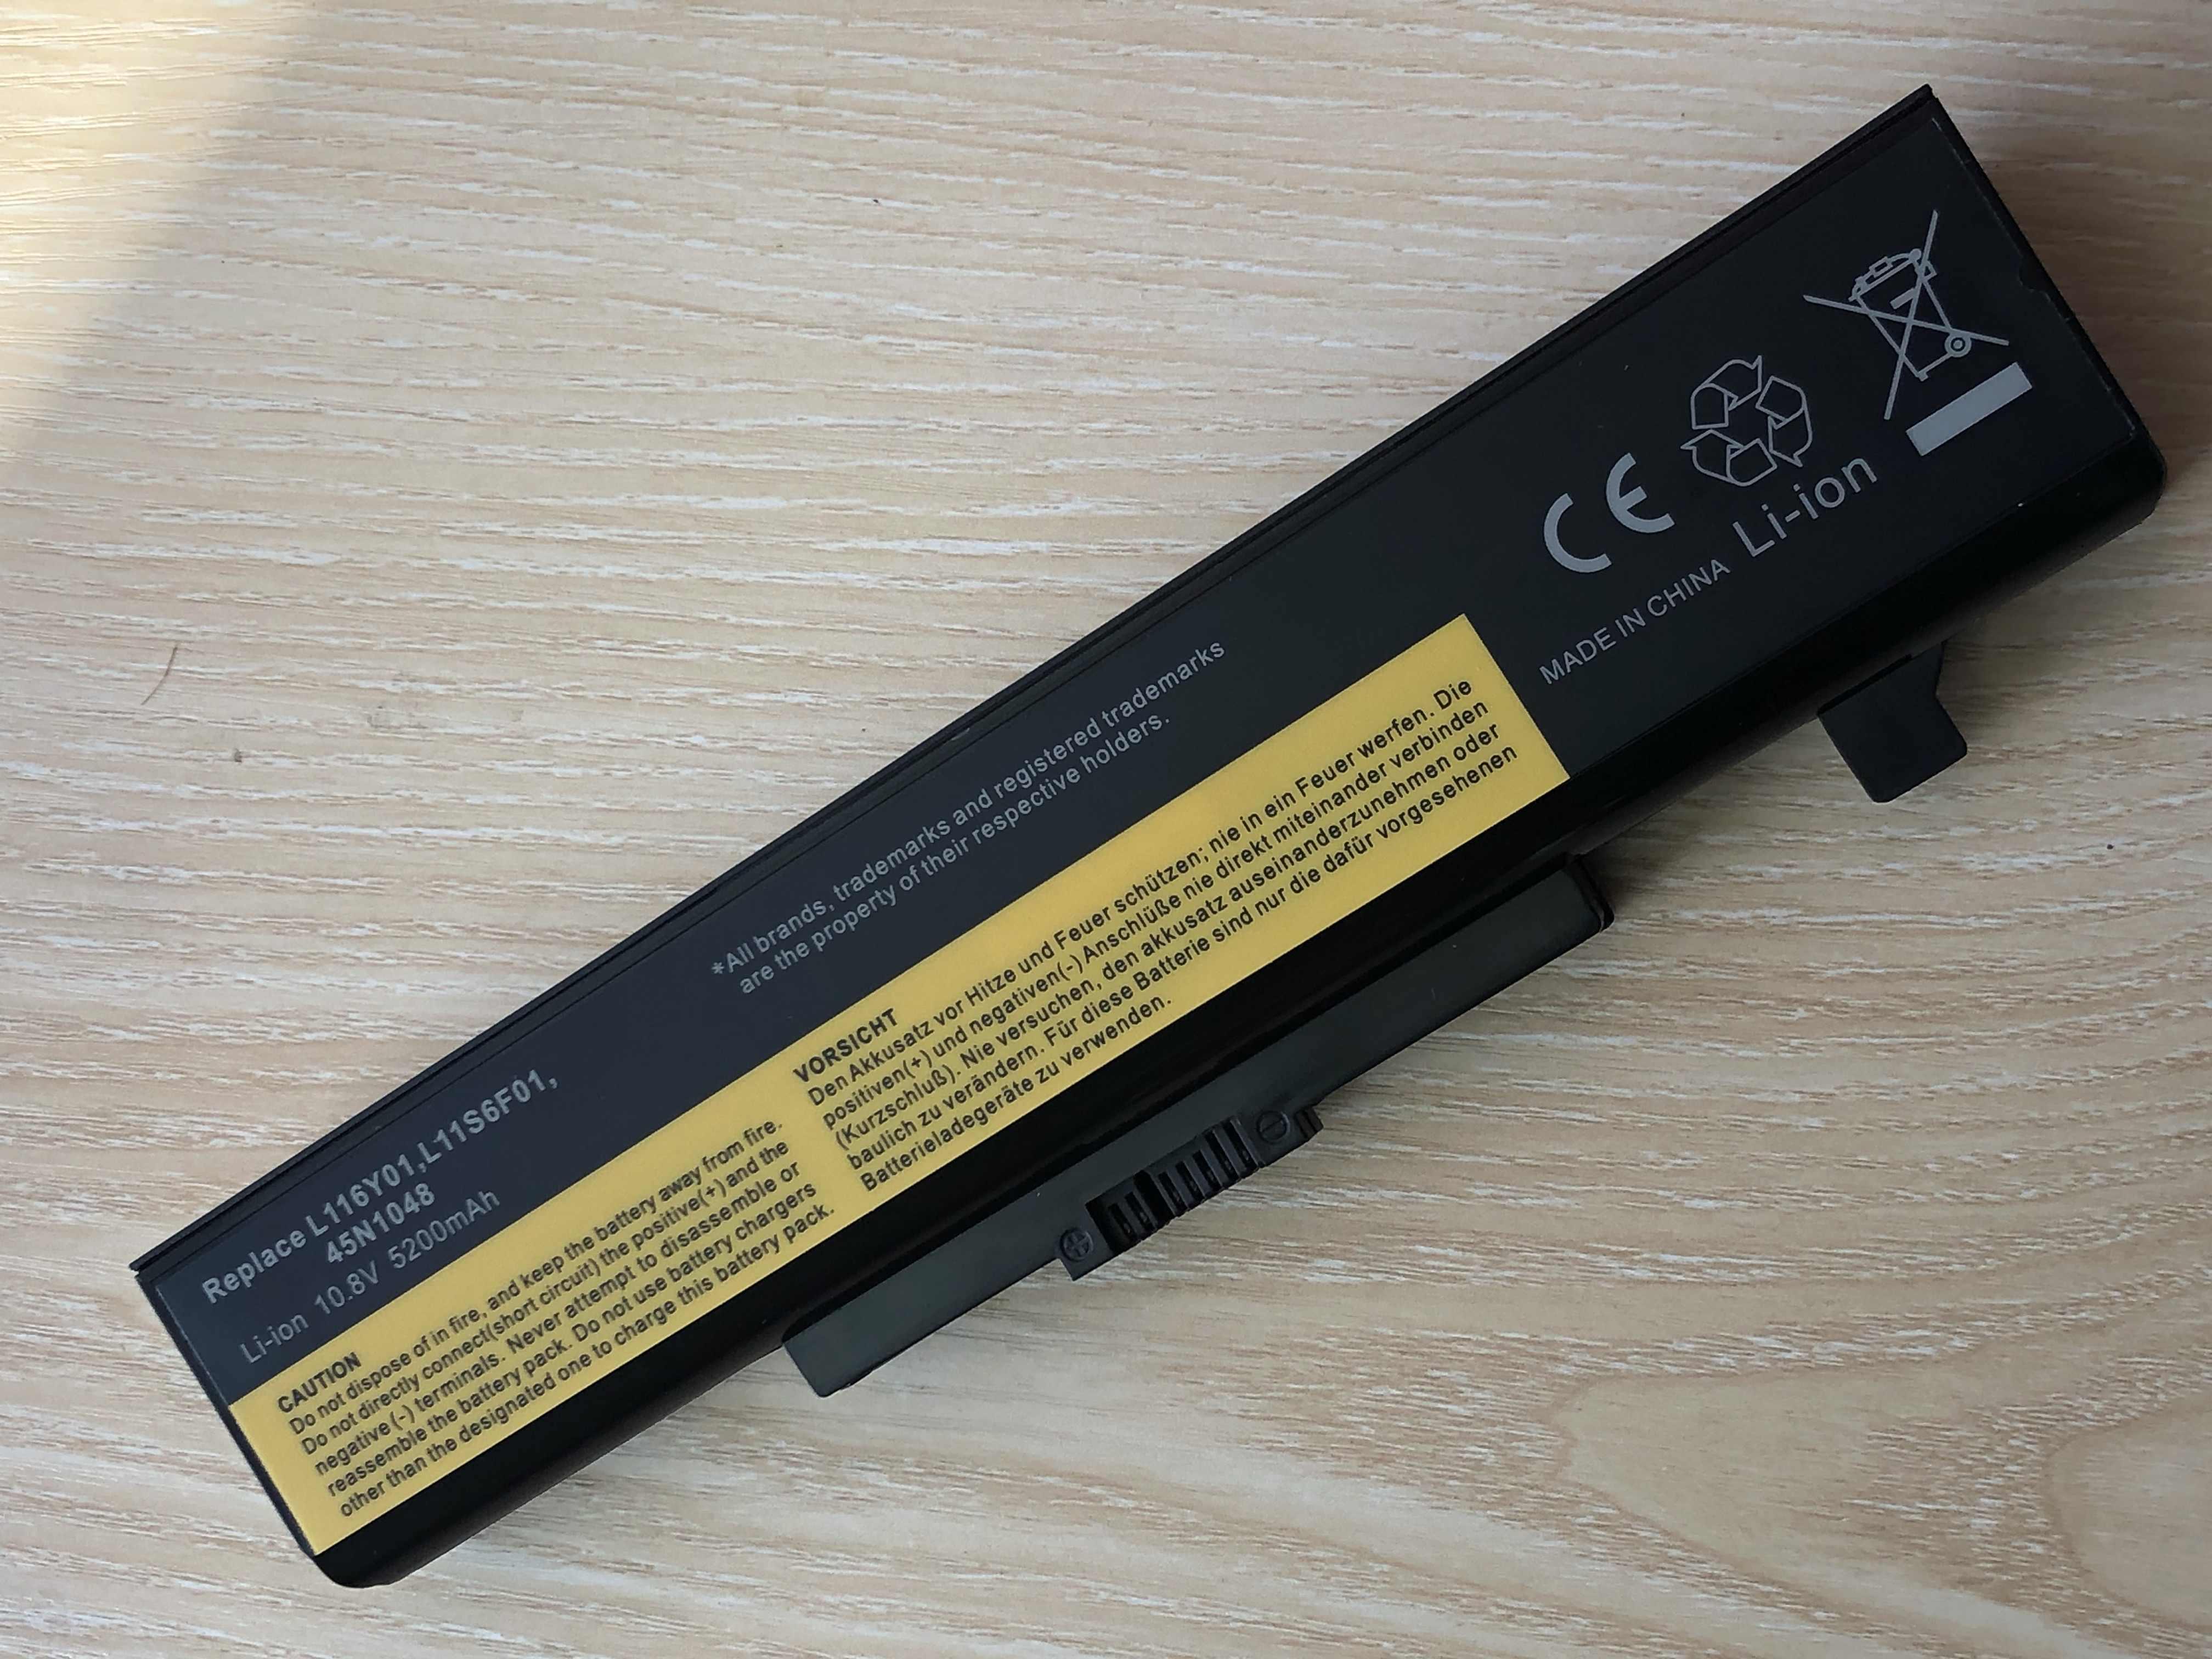 بطارية كمبيوتر محمول لينوفو G580 Z380 Y480 G480 V480 Y580 L11S6Y01 L11L6Y01 L11O6Y01 L11S6F01 L11L6F01 L11P6R01